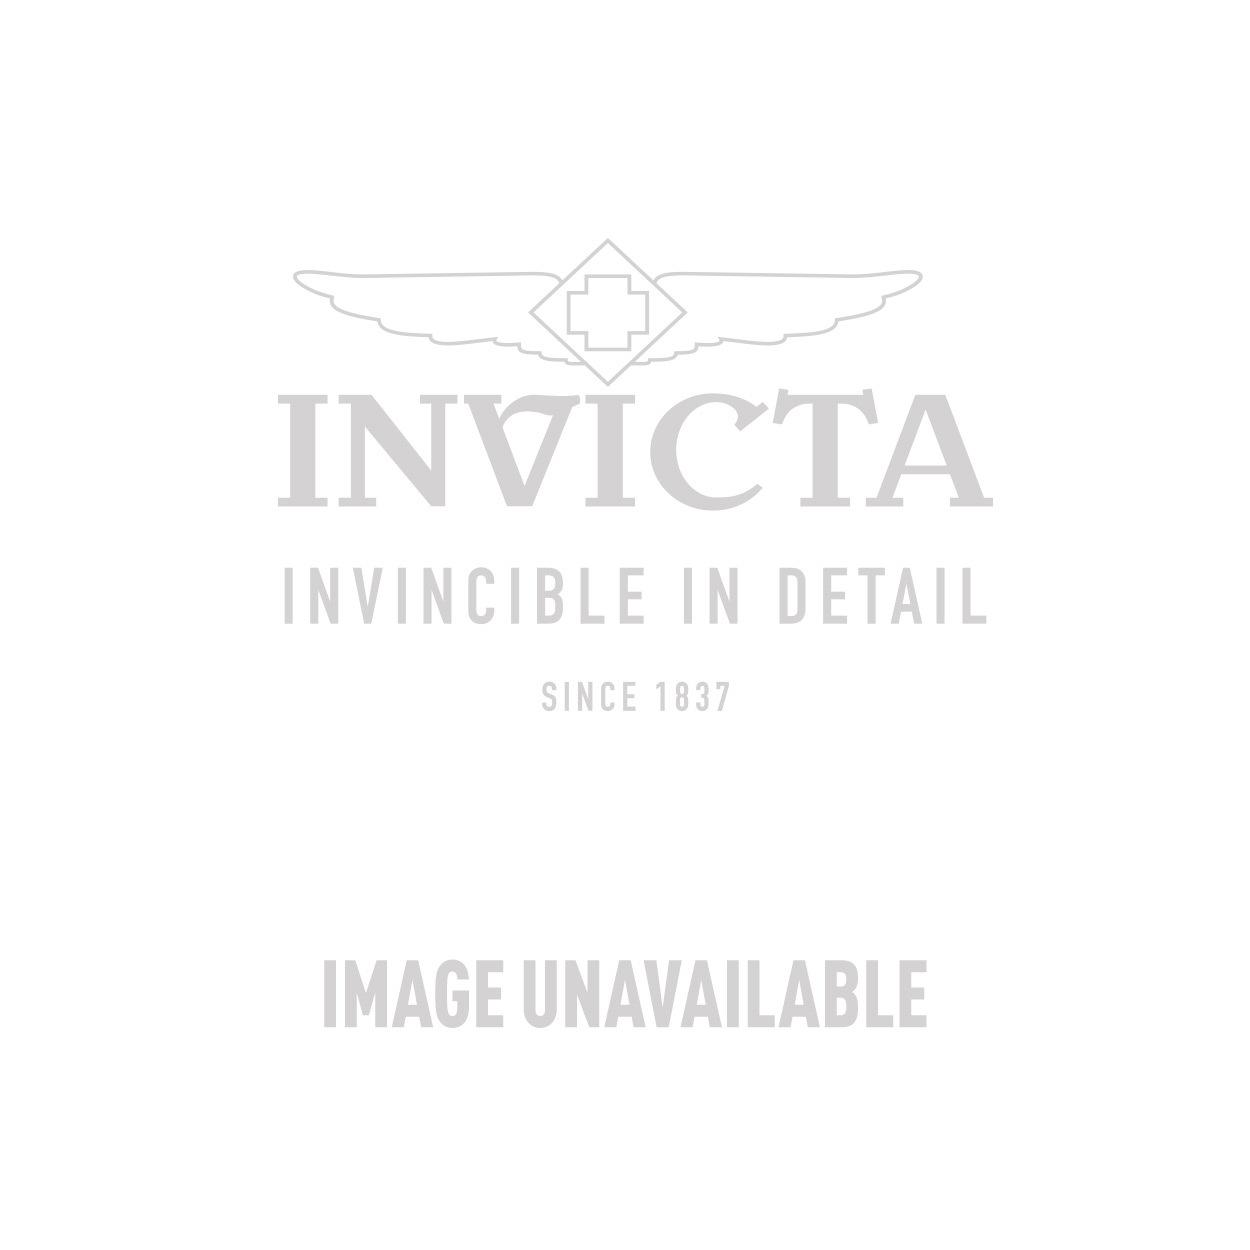 Invicta Model 28102